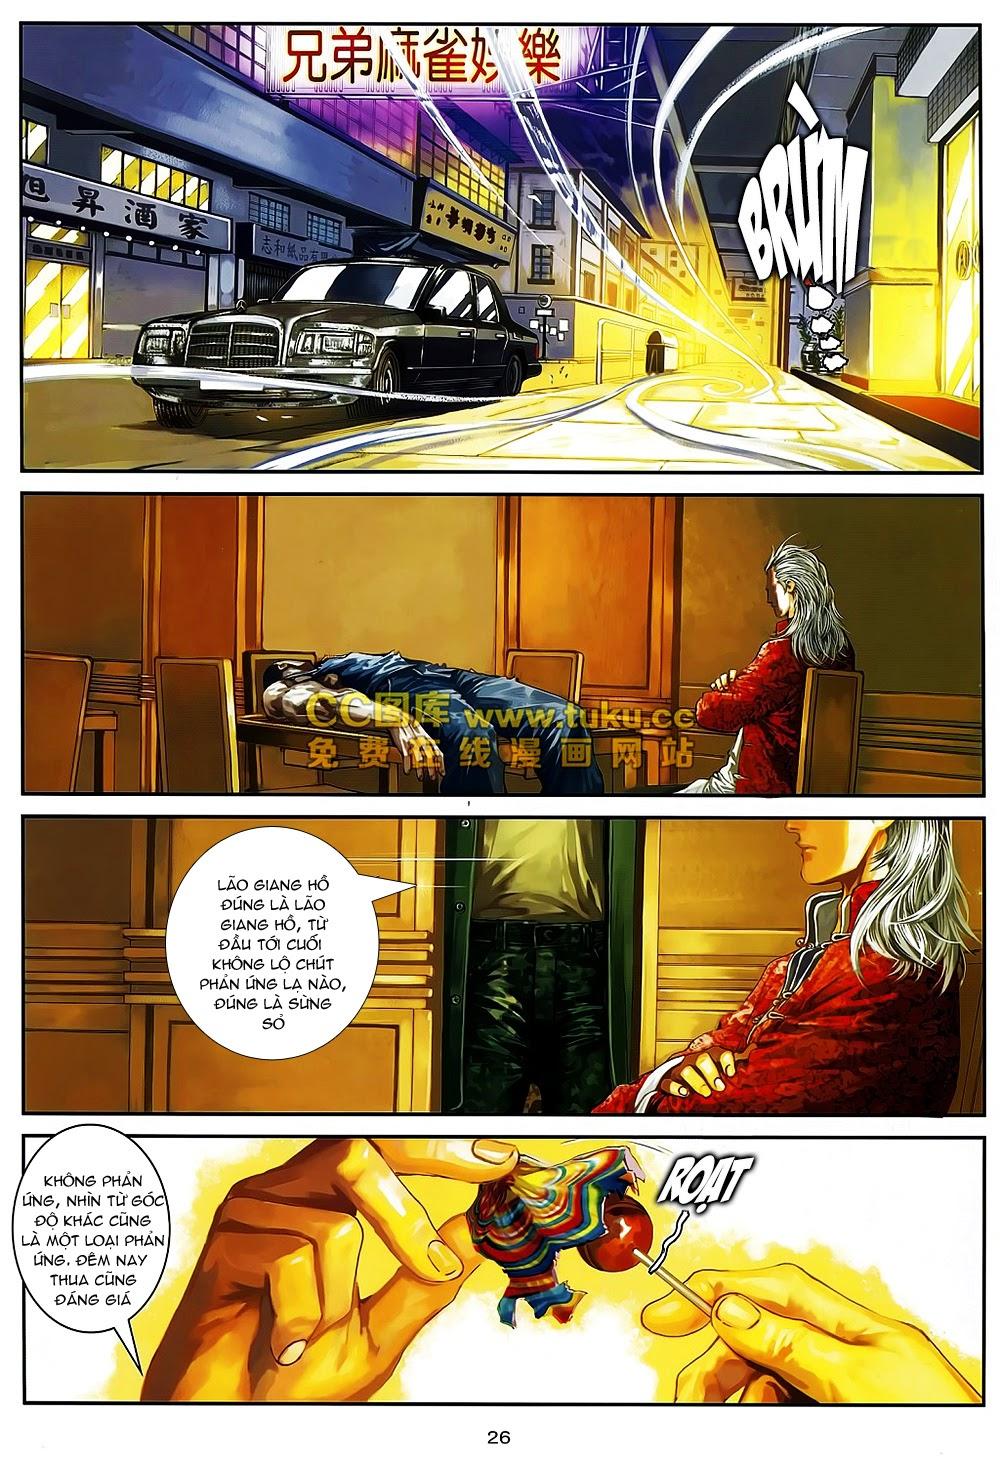 Quyền Đạo chapter 6 trang 25